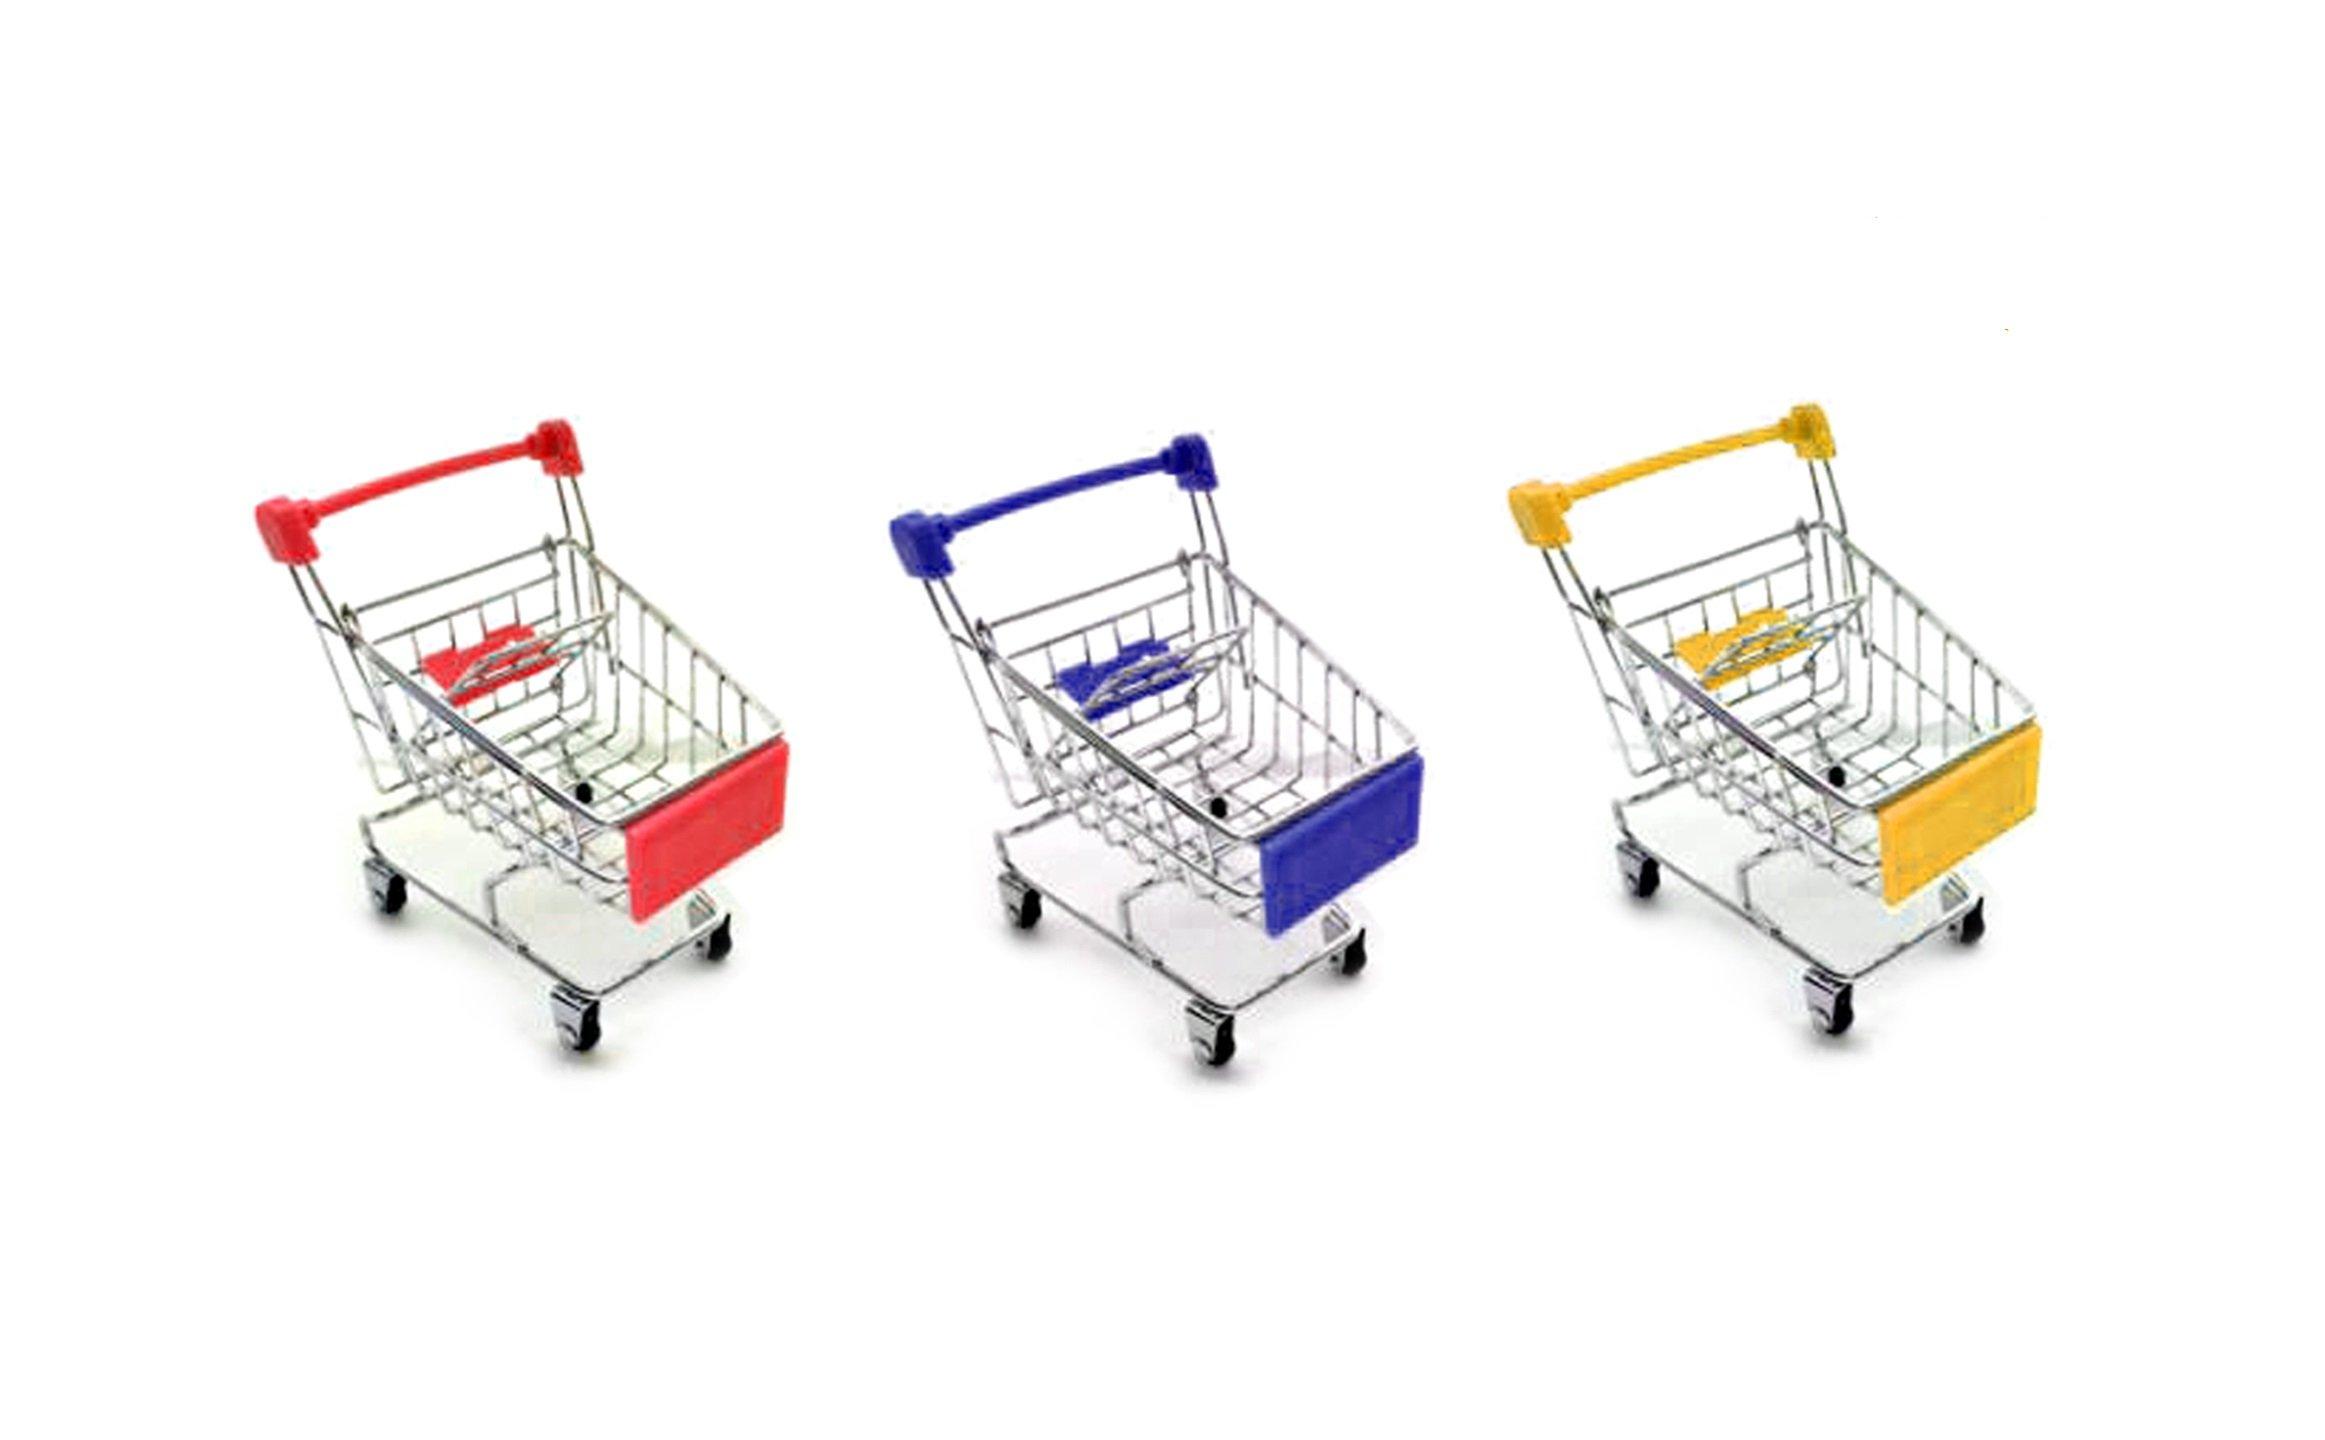 Bestsupplier Mini Supermarket Handcart, 3 Pcs Mini Shopping Cart Supermarket Handcart Shopping Utility Cart Mode Storage Toy by Bestsupplier